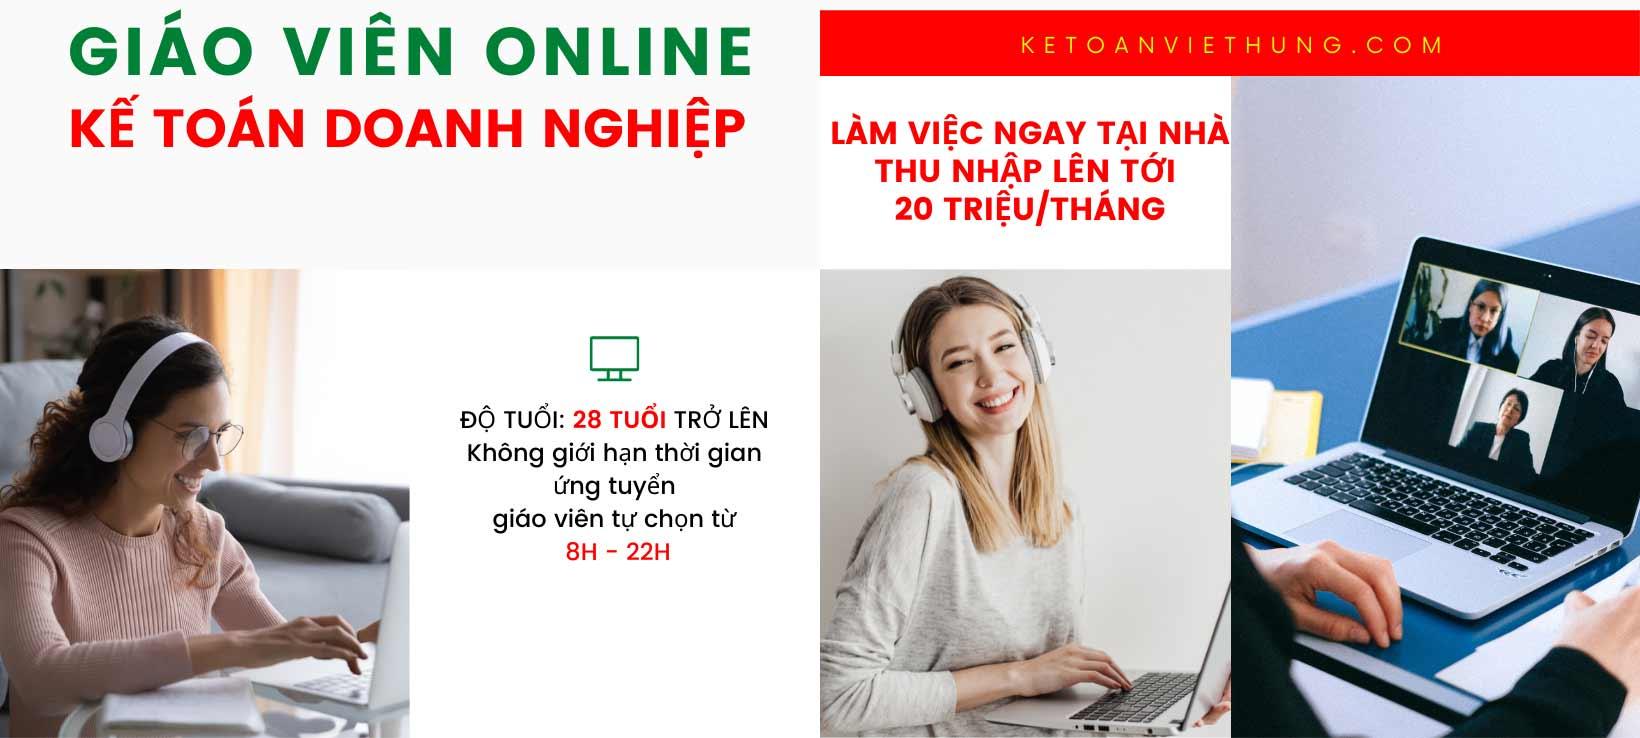 tuyển dụng online tại nhà